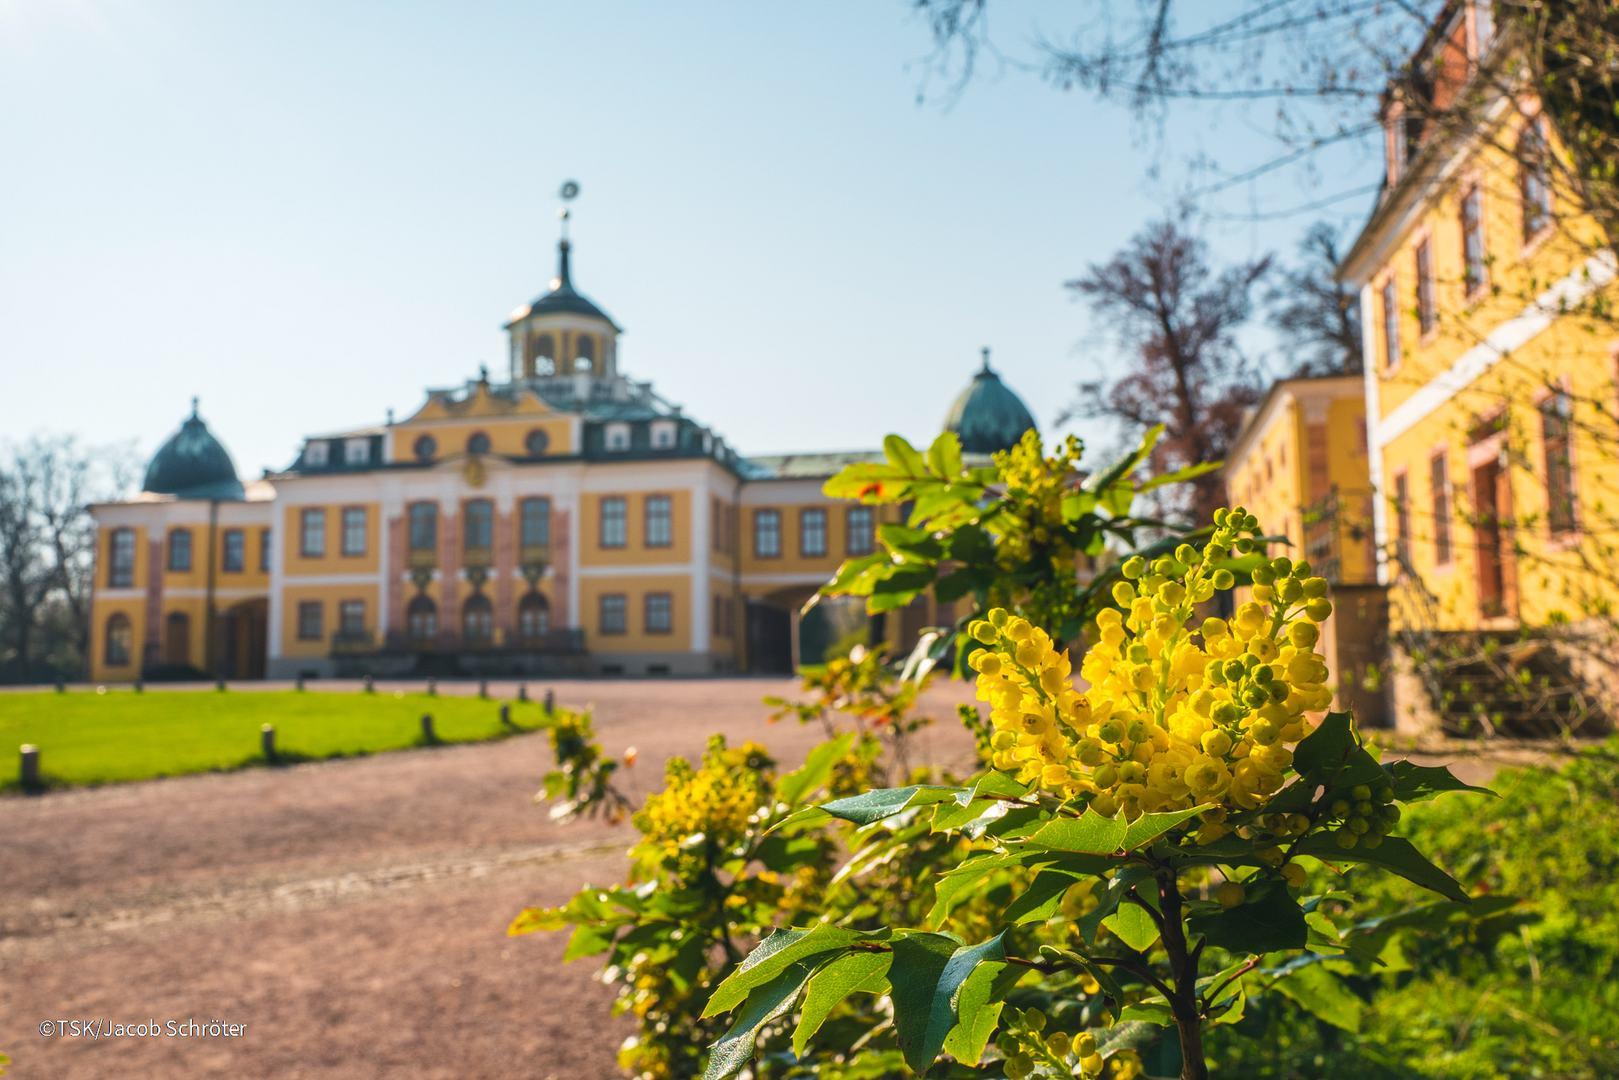 Blick auf Schloss Belvedere in Weimar, blühende Sträucher im Vordergrund